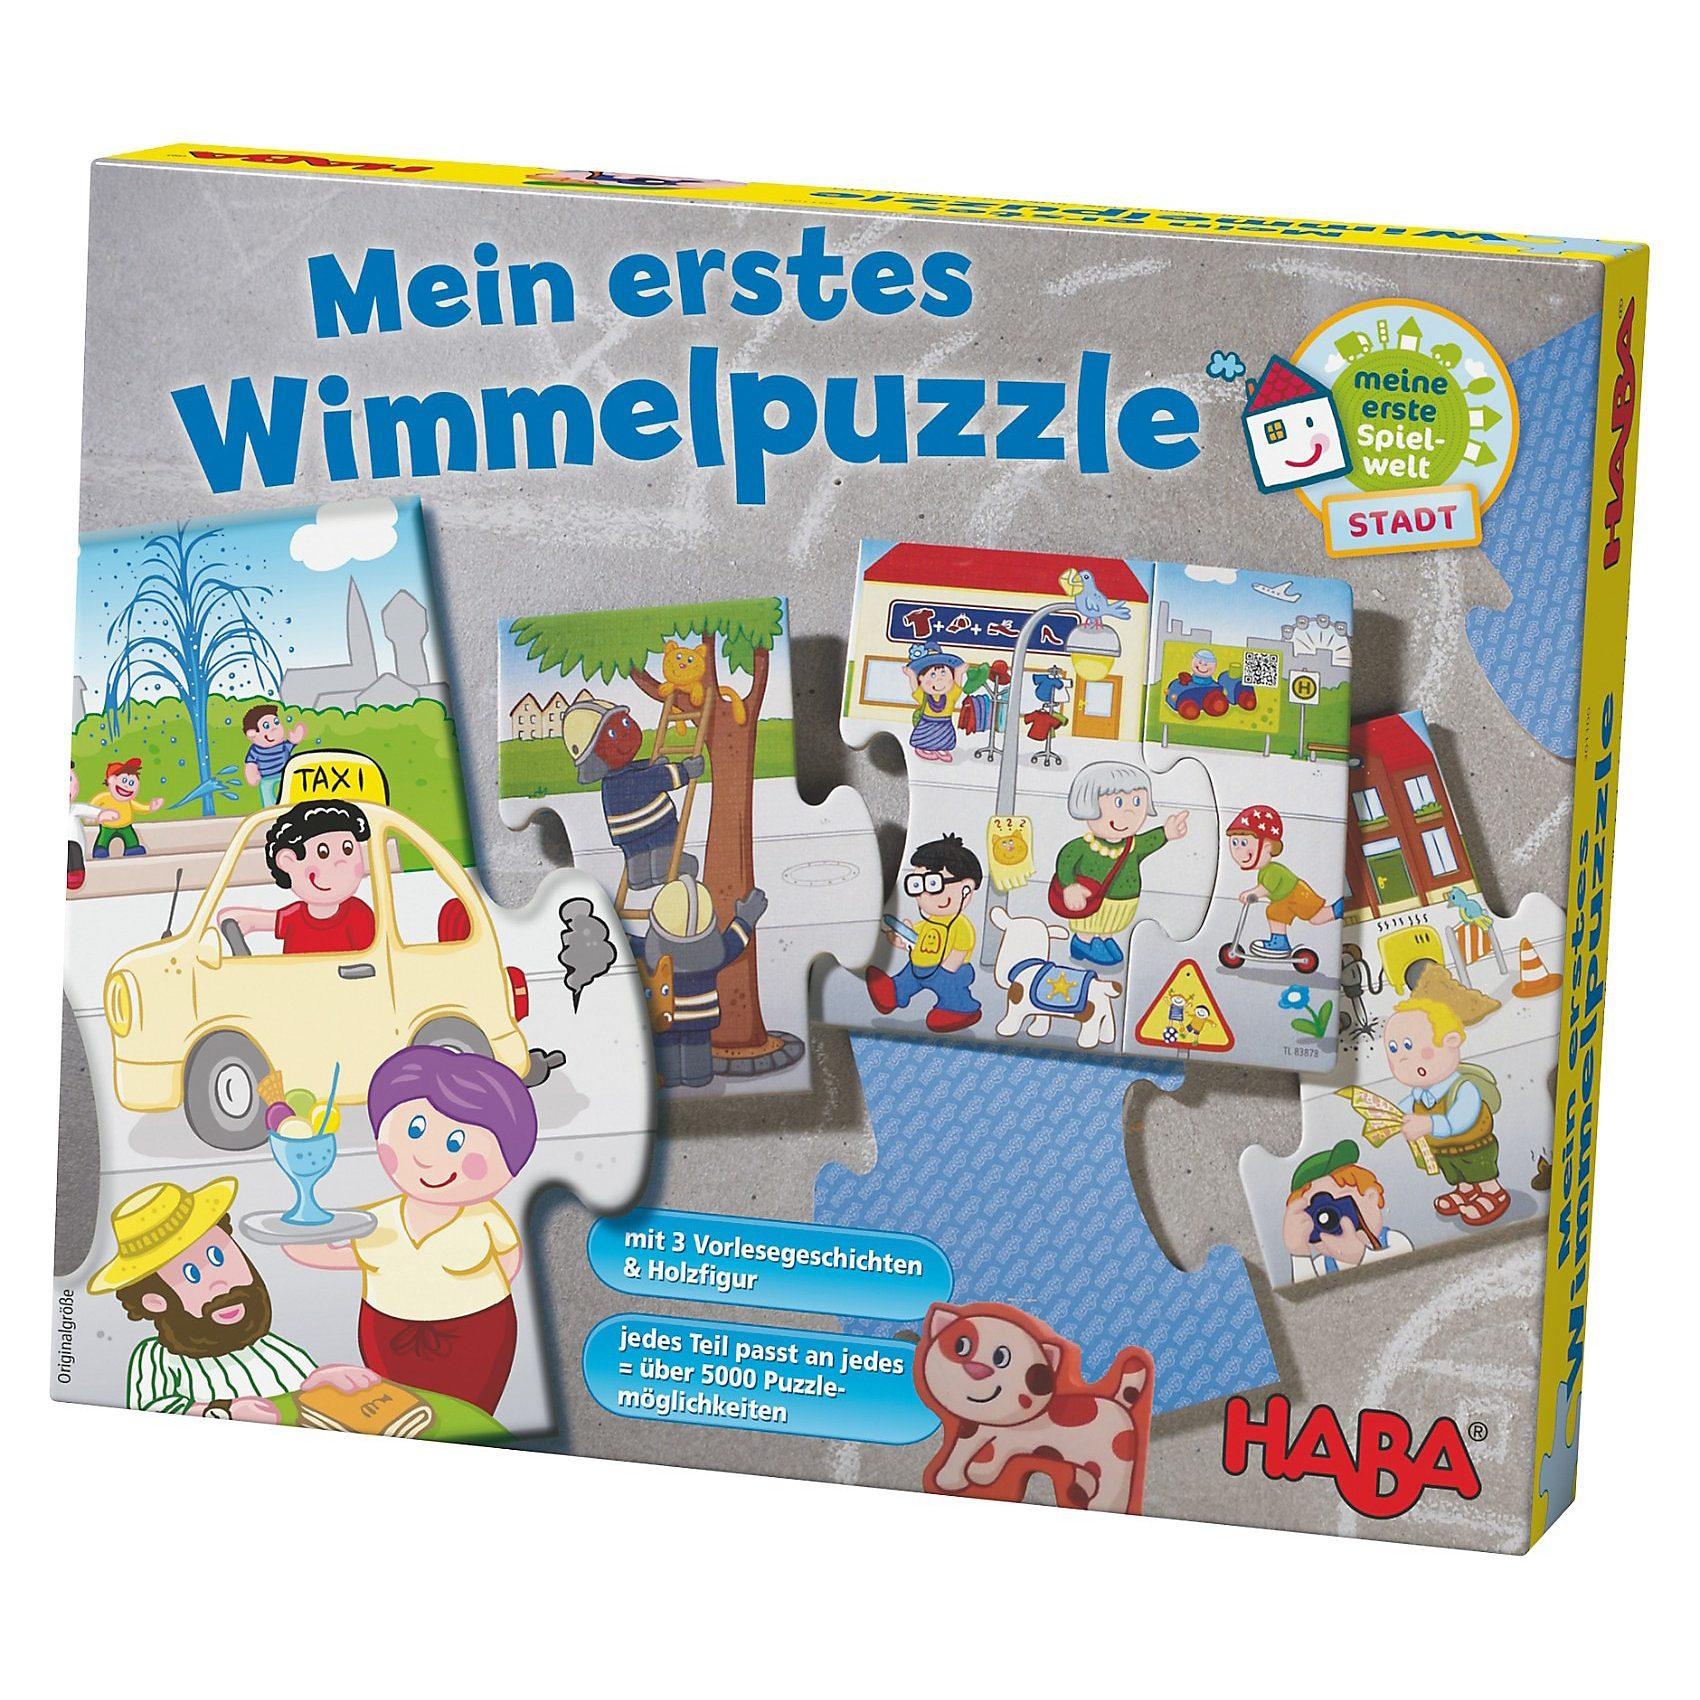 Haba Mein erstes Wimmelpuzzle - Stadt